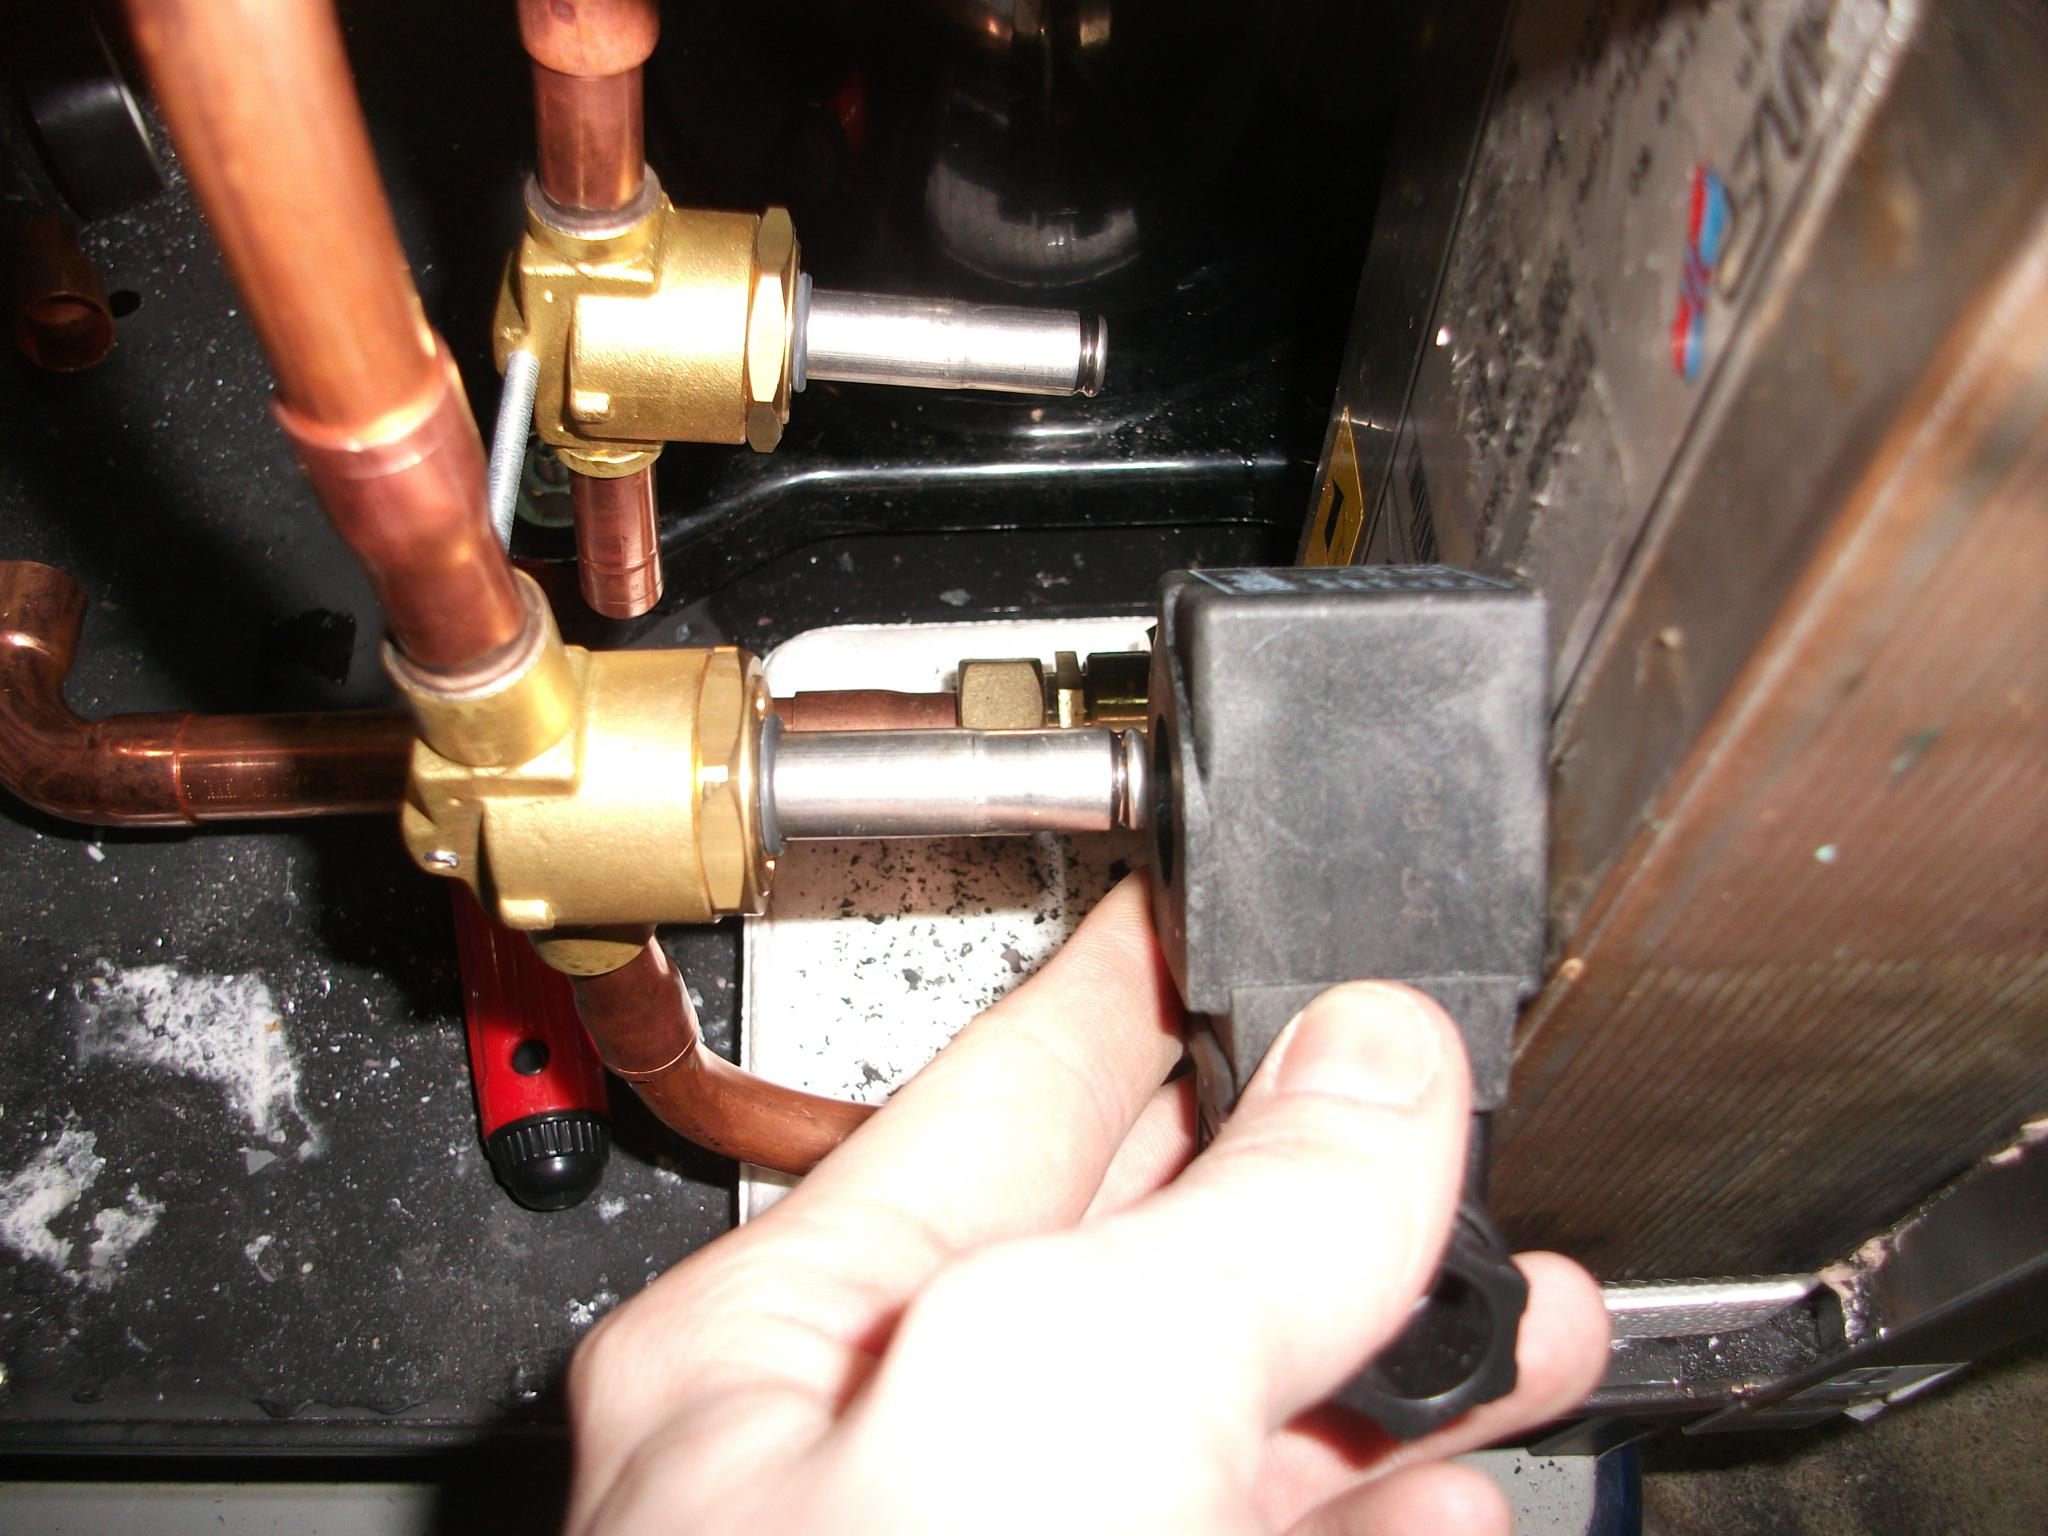 Pompe chaleur v2 page 1 - Forum pompe a chaleur ...